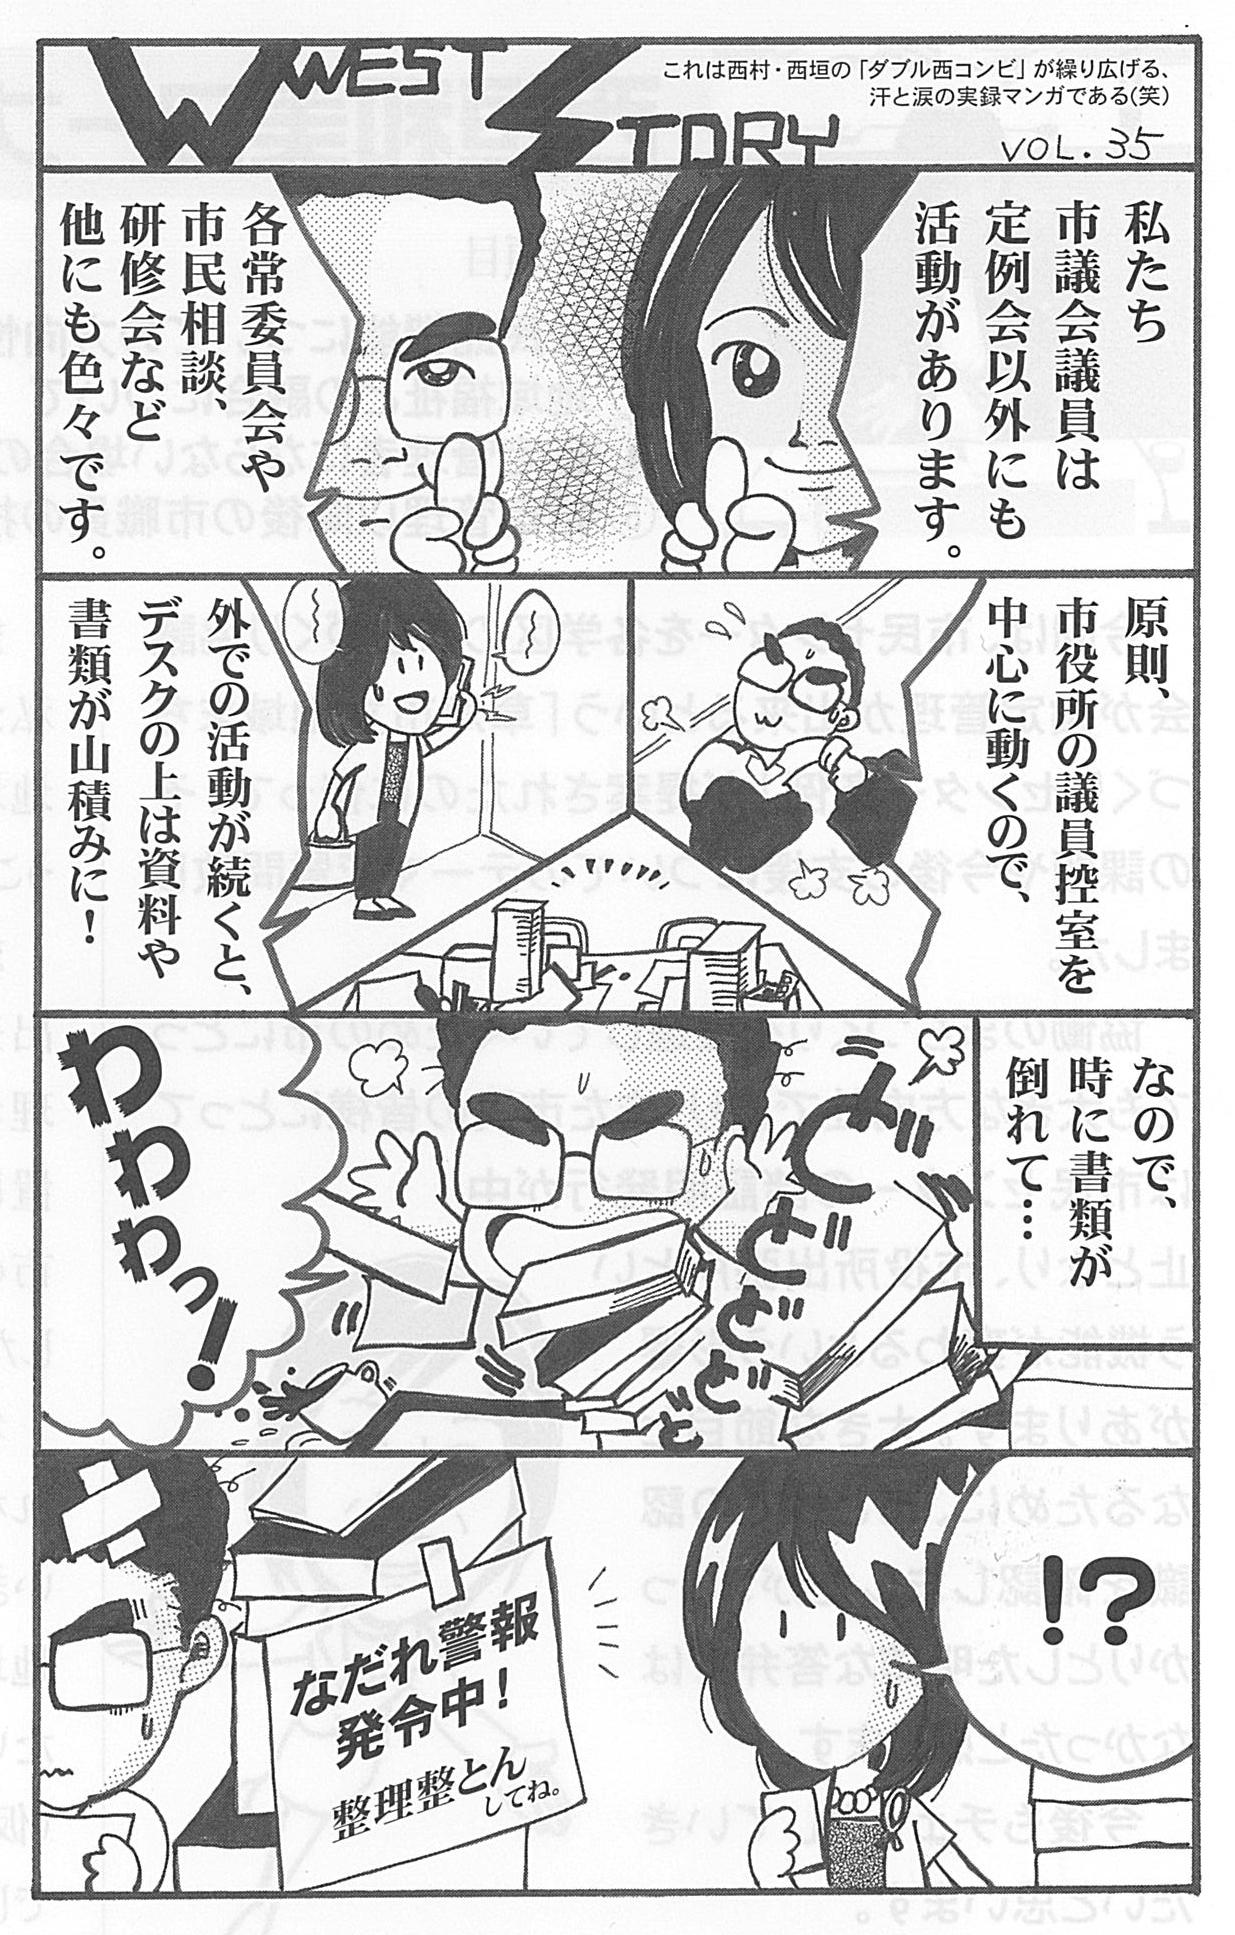 jitsuroku_vol35.jpg